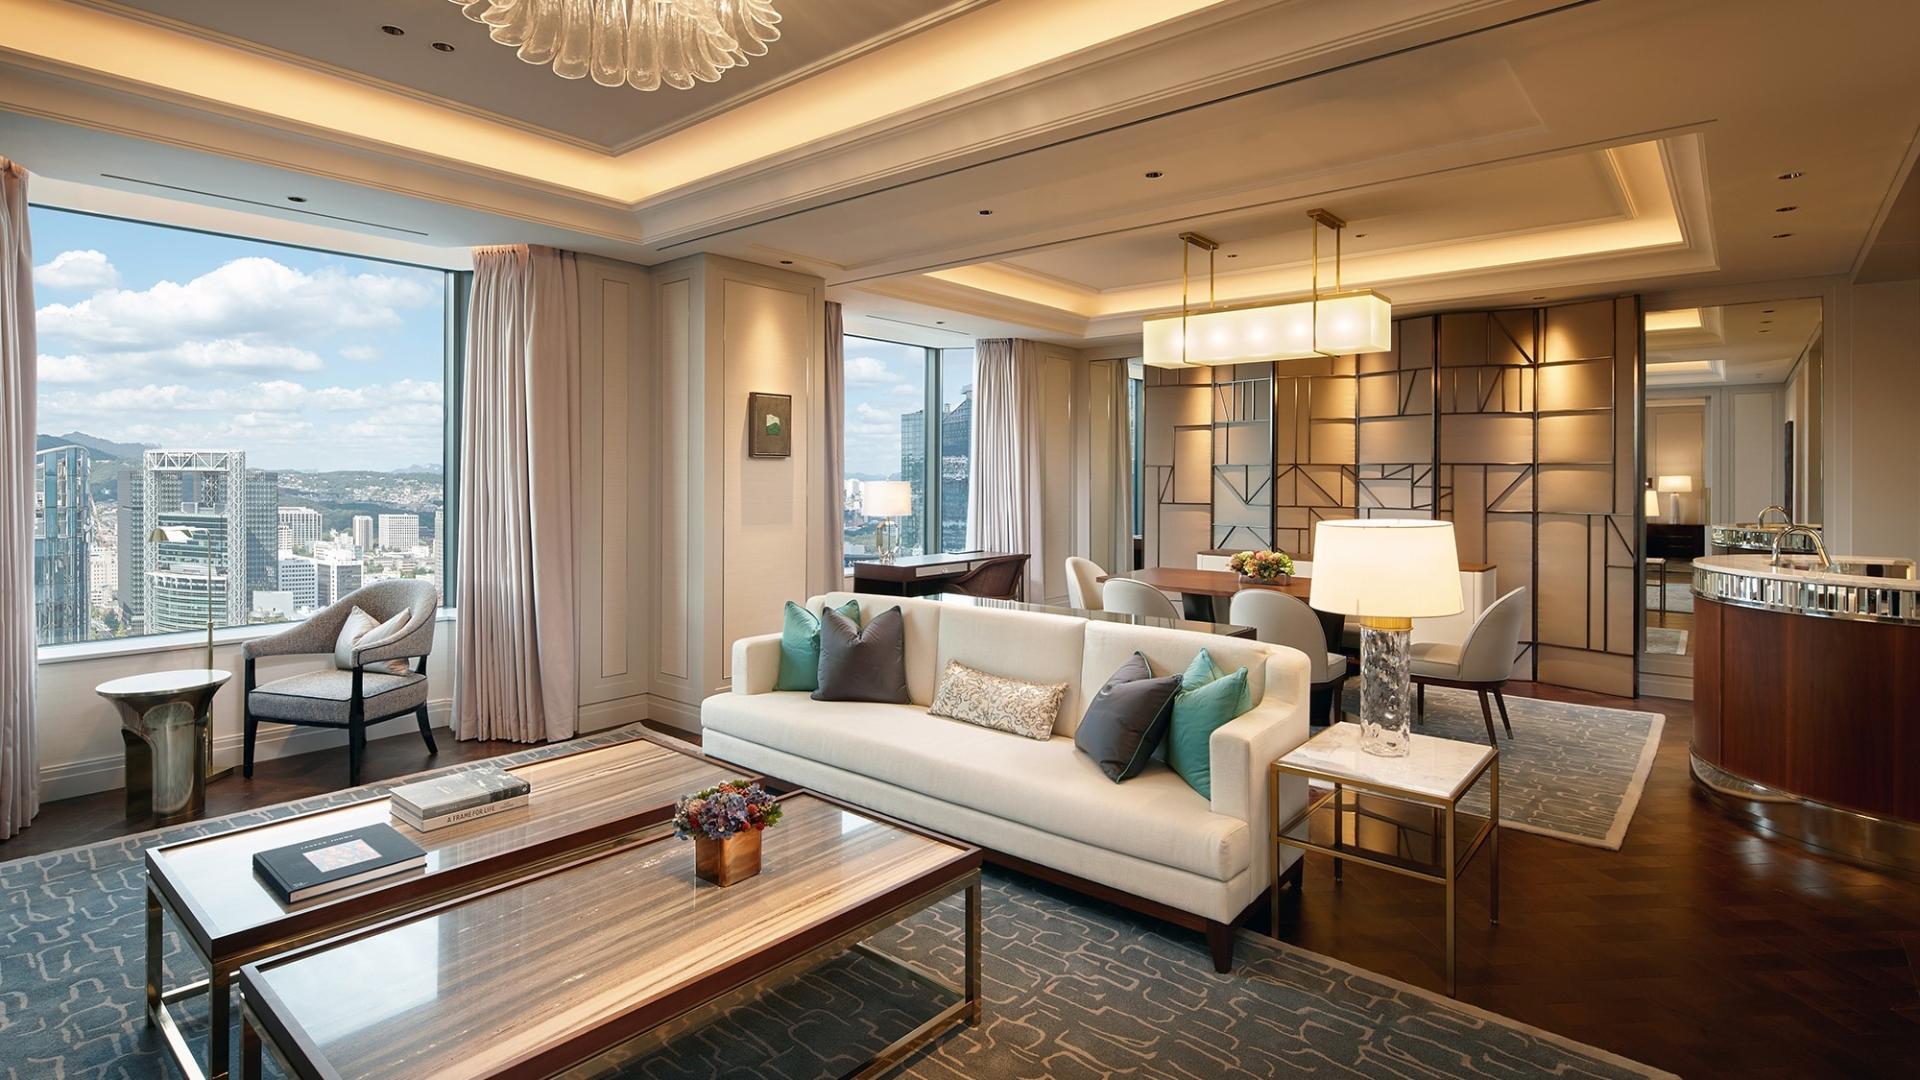 Apartamento en venta en Dubai, EAU, 3 dormitorios, 204 m2, № 24114 – foto 1